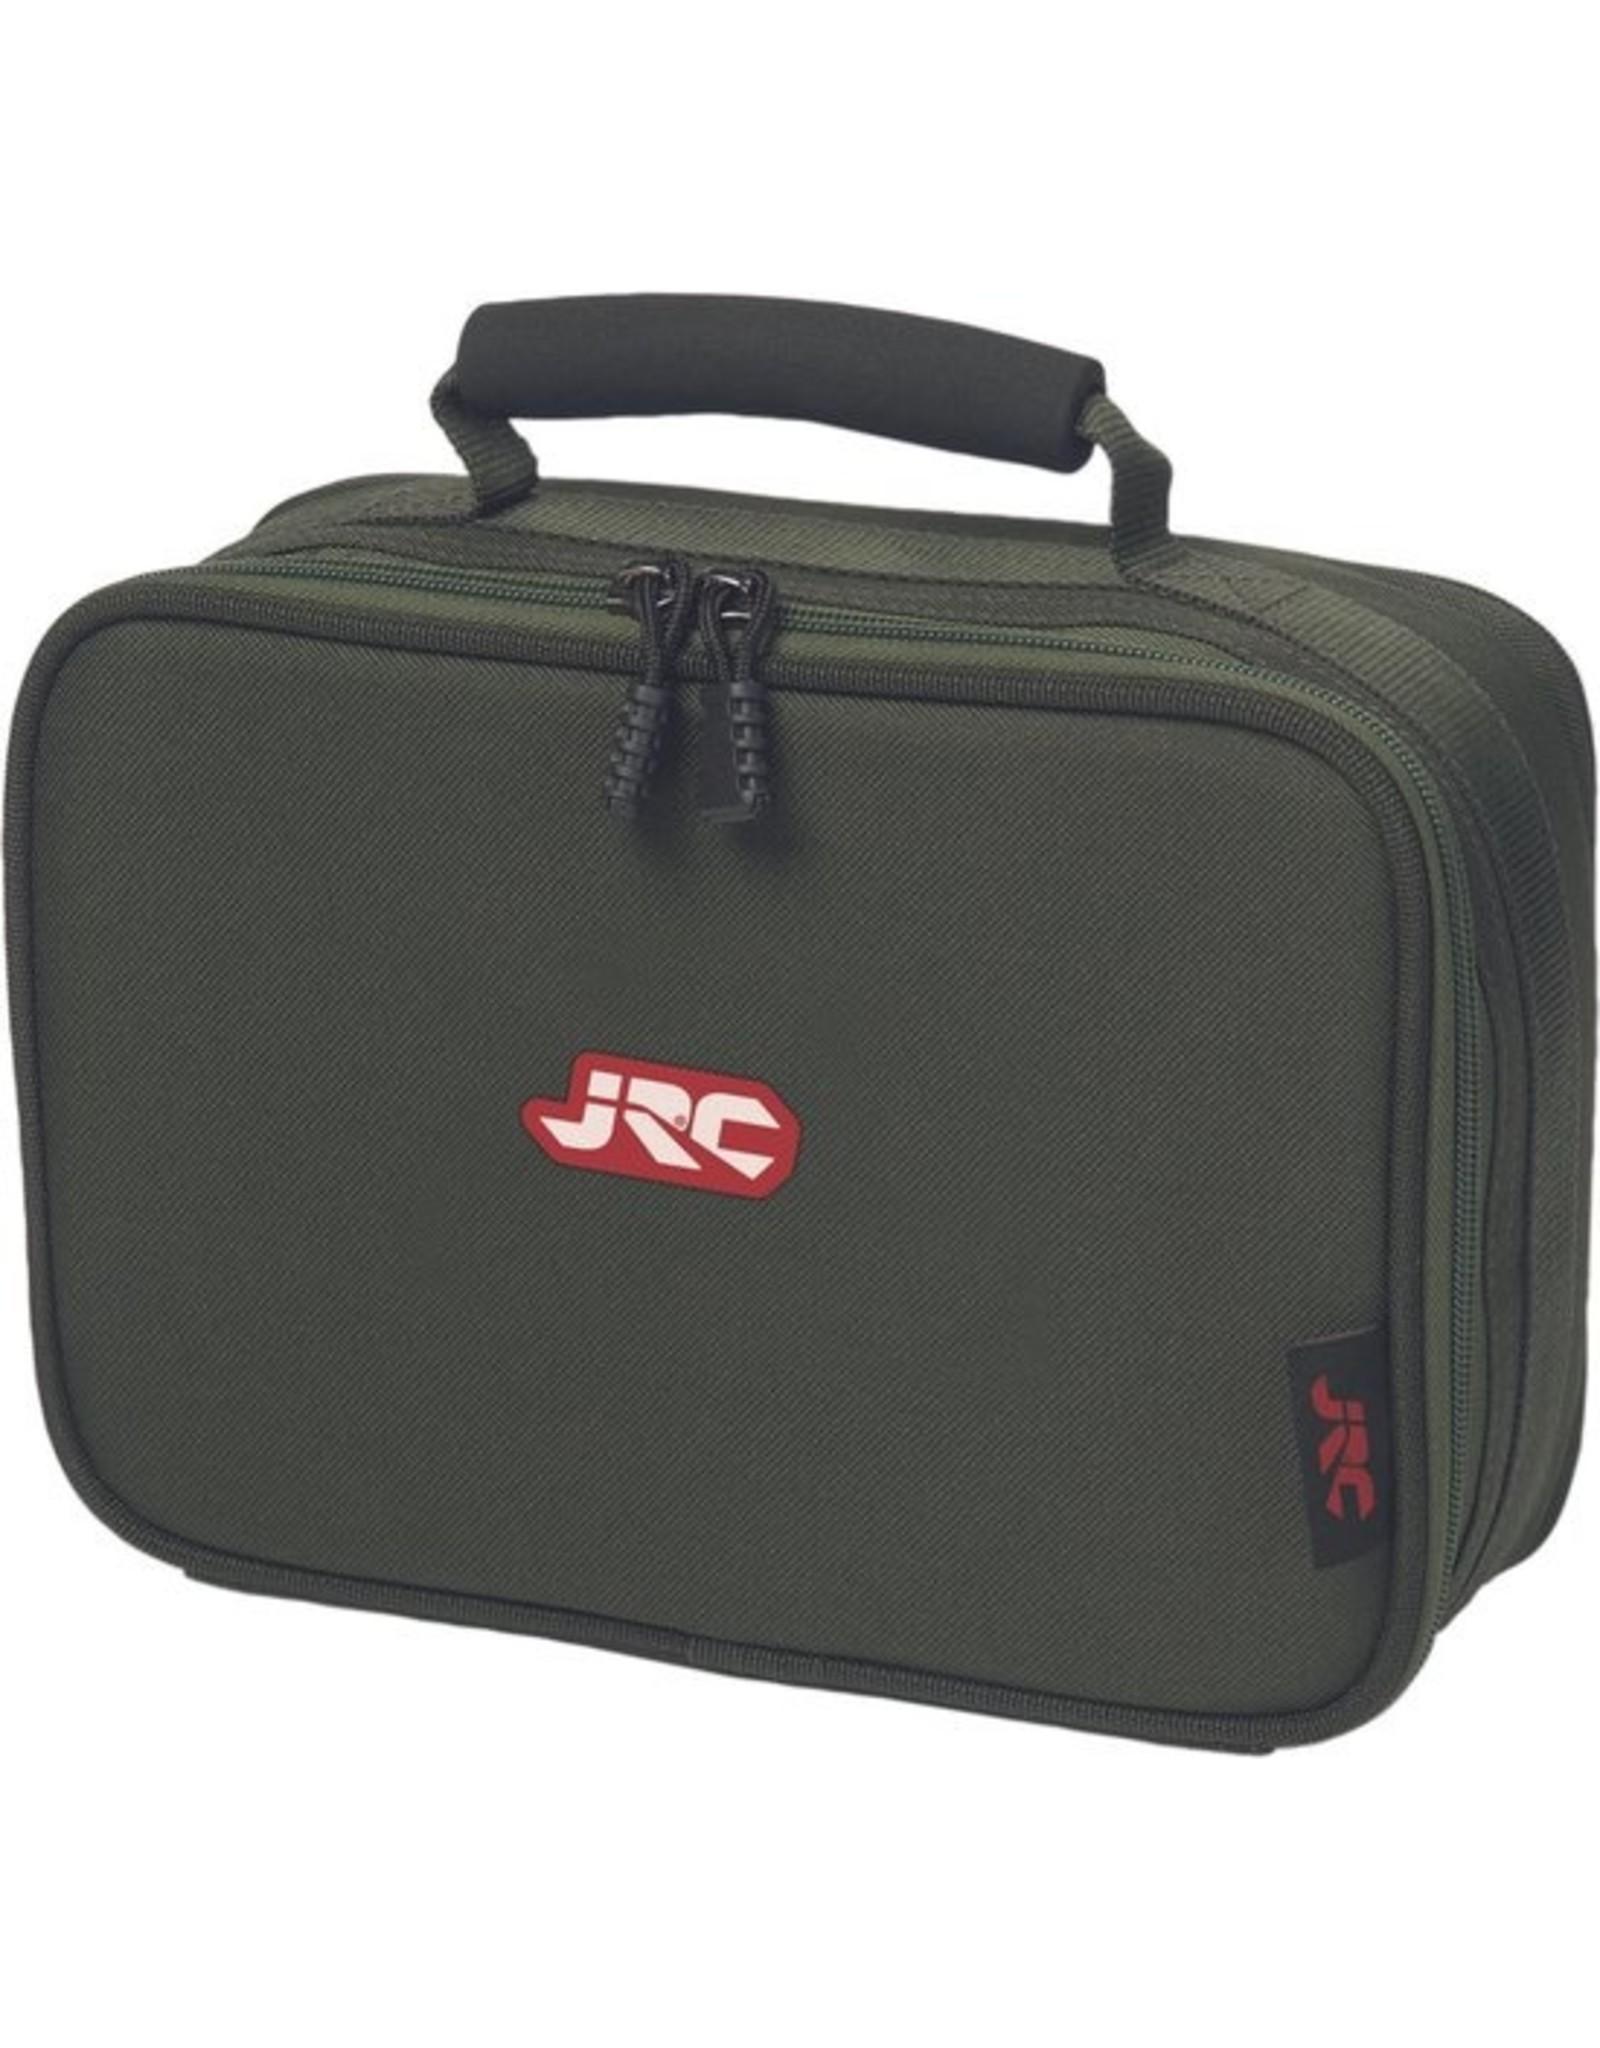 Jrc JRC Accessory Bag